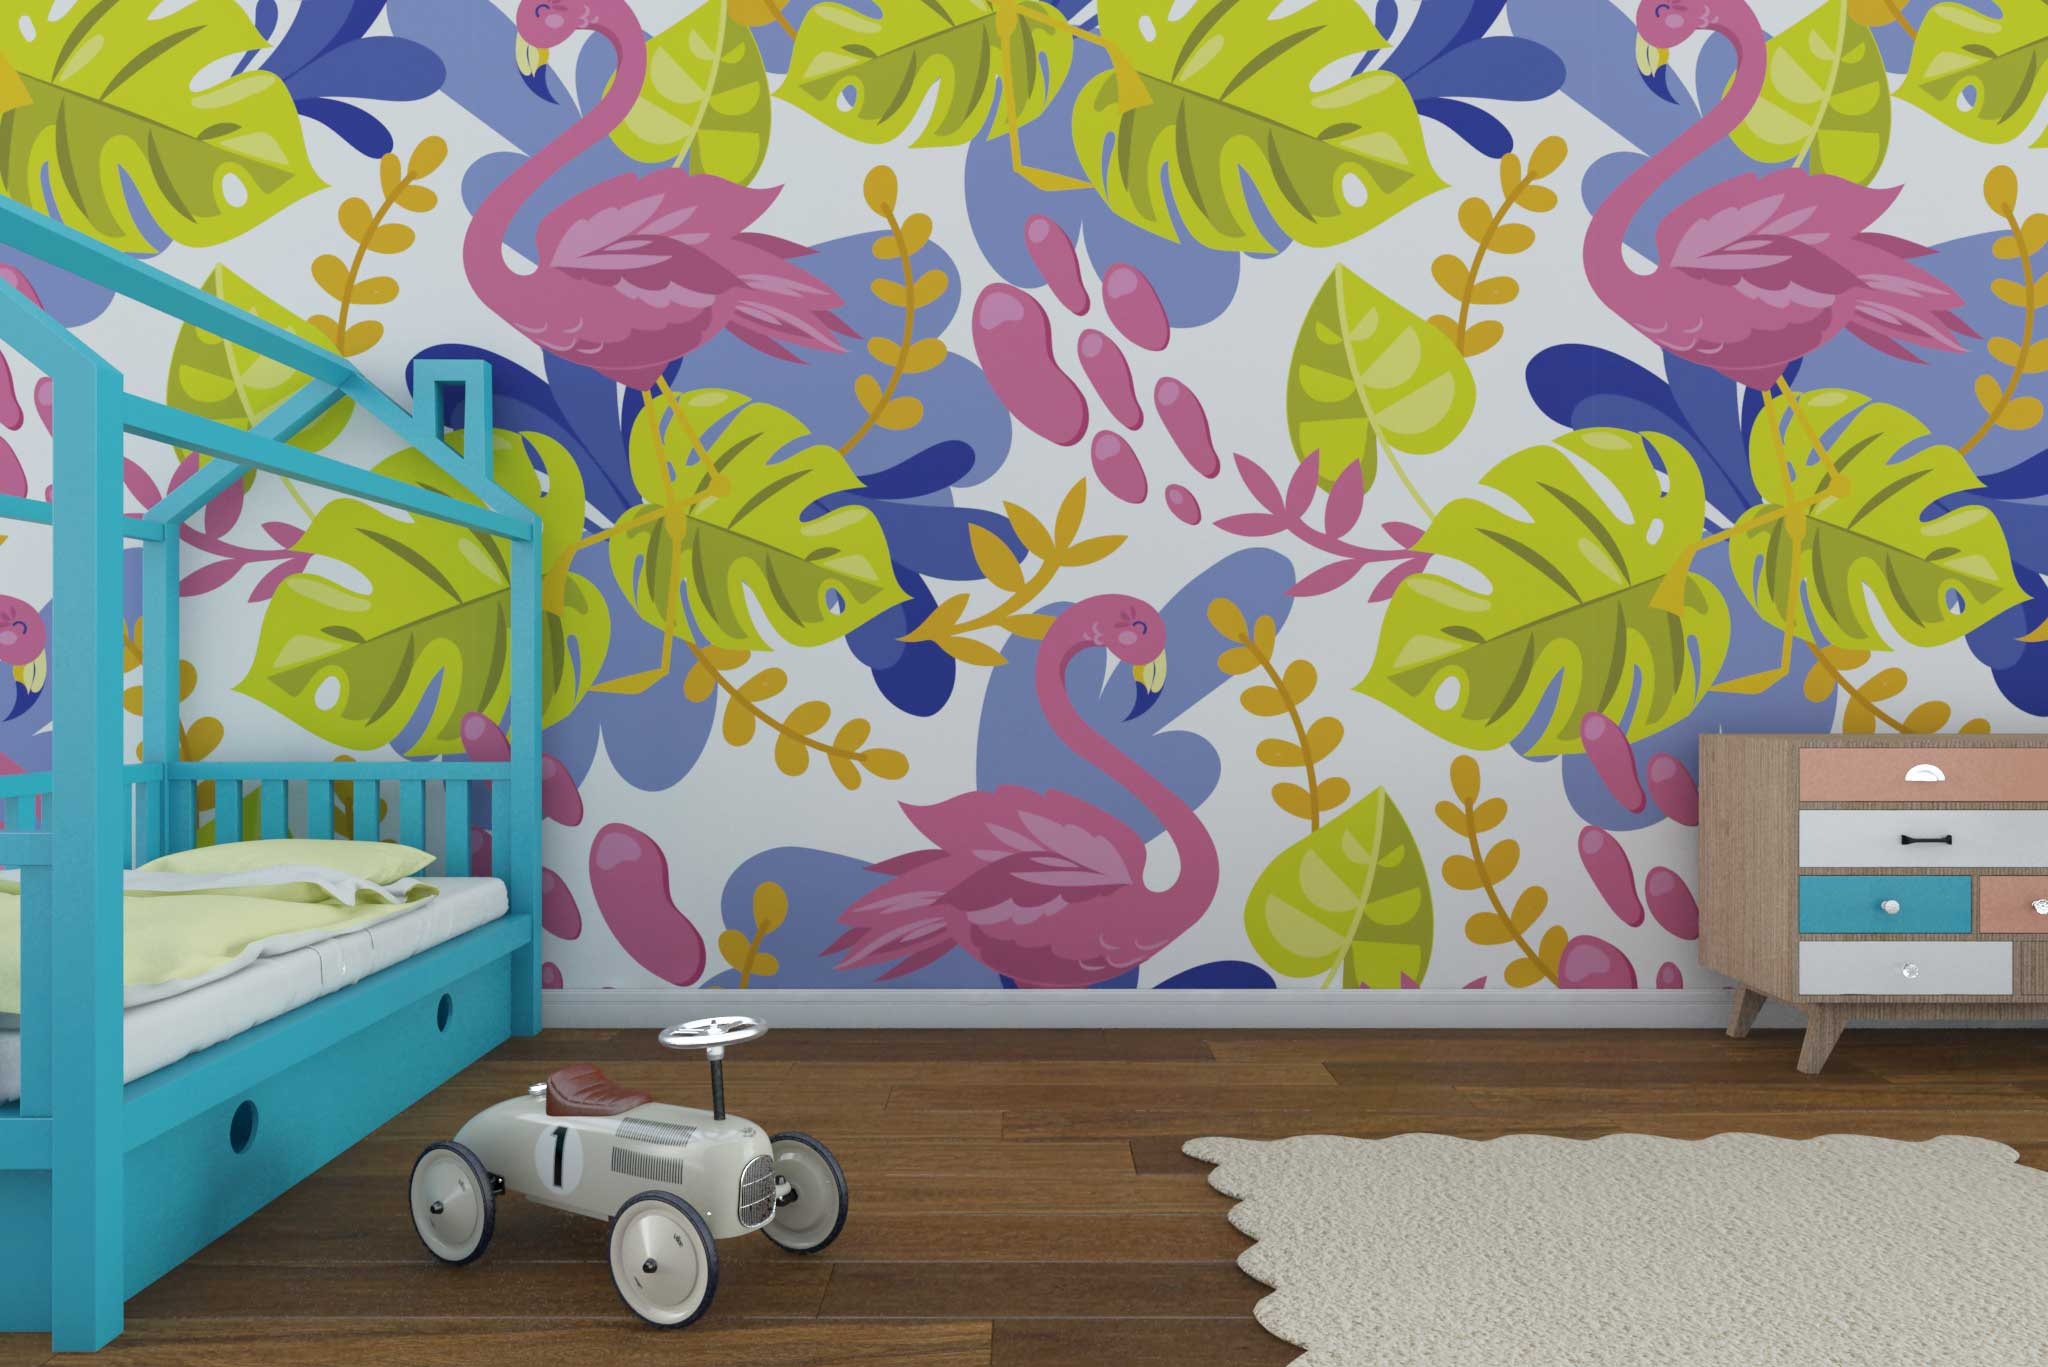 tapet-fototapet-comanda-personalizat-bucuresti-camera-dormitor-copii-model-flamingo-frunze-rmulticolor